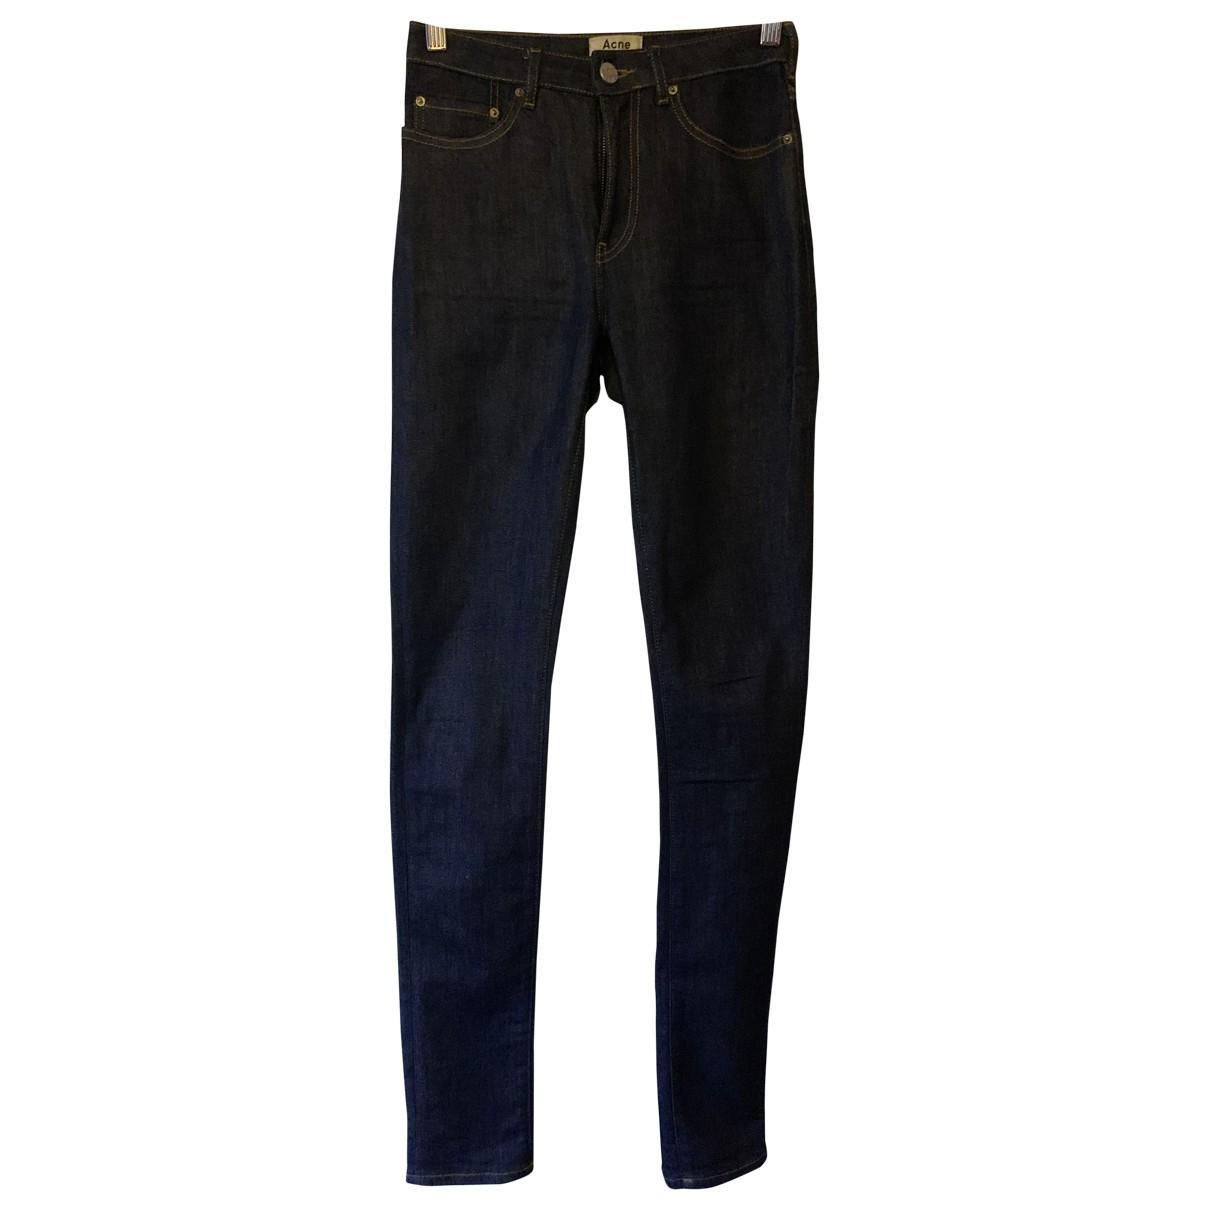 Acne Studios \N Navy Denim - Jeans Jeans for Women 36 FR